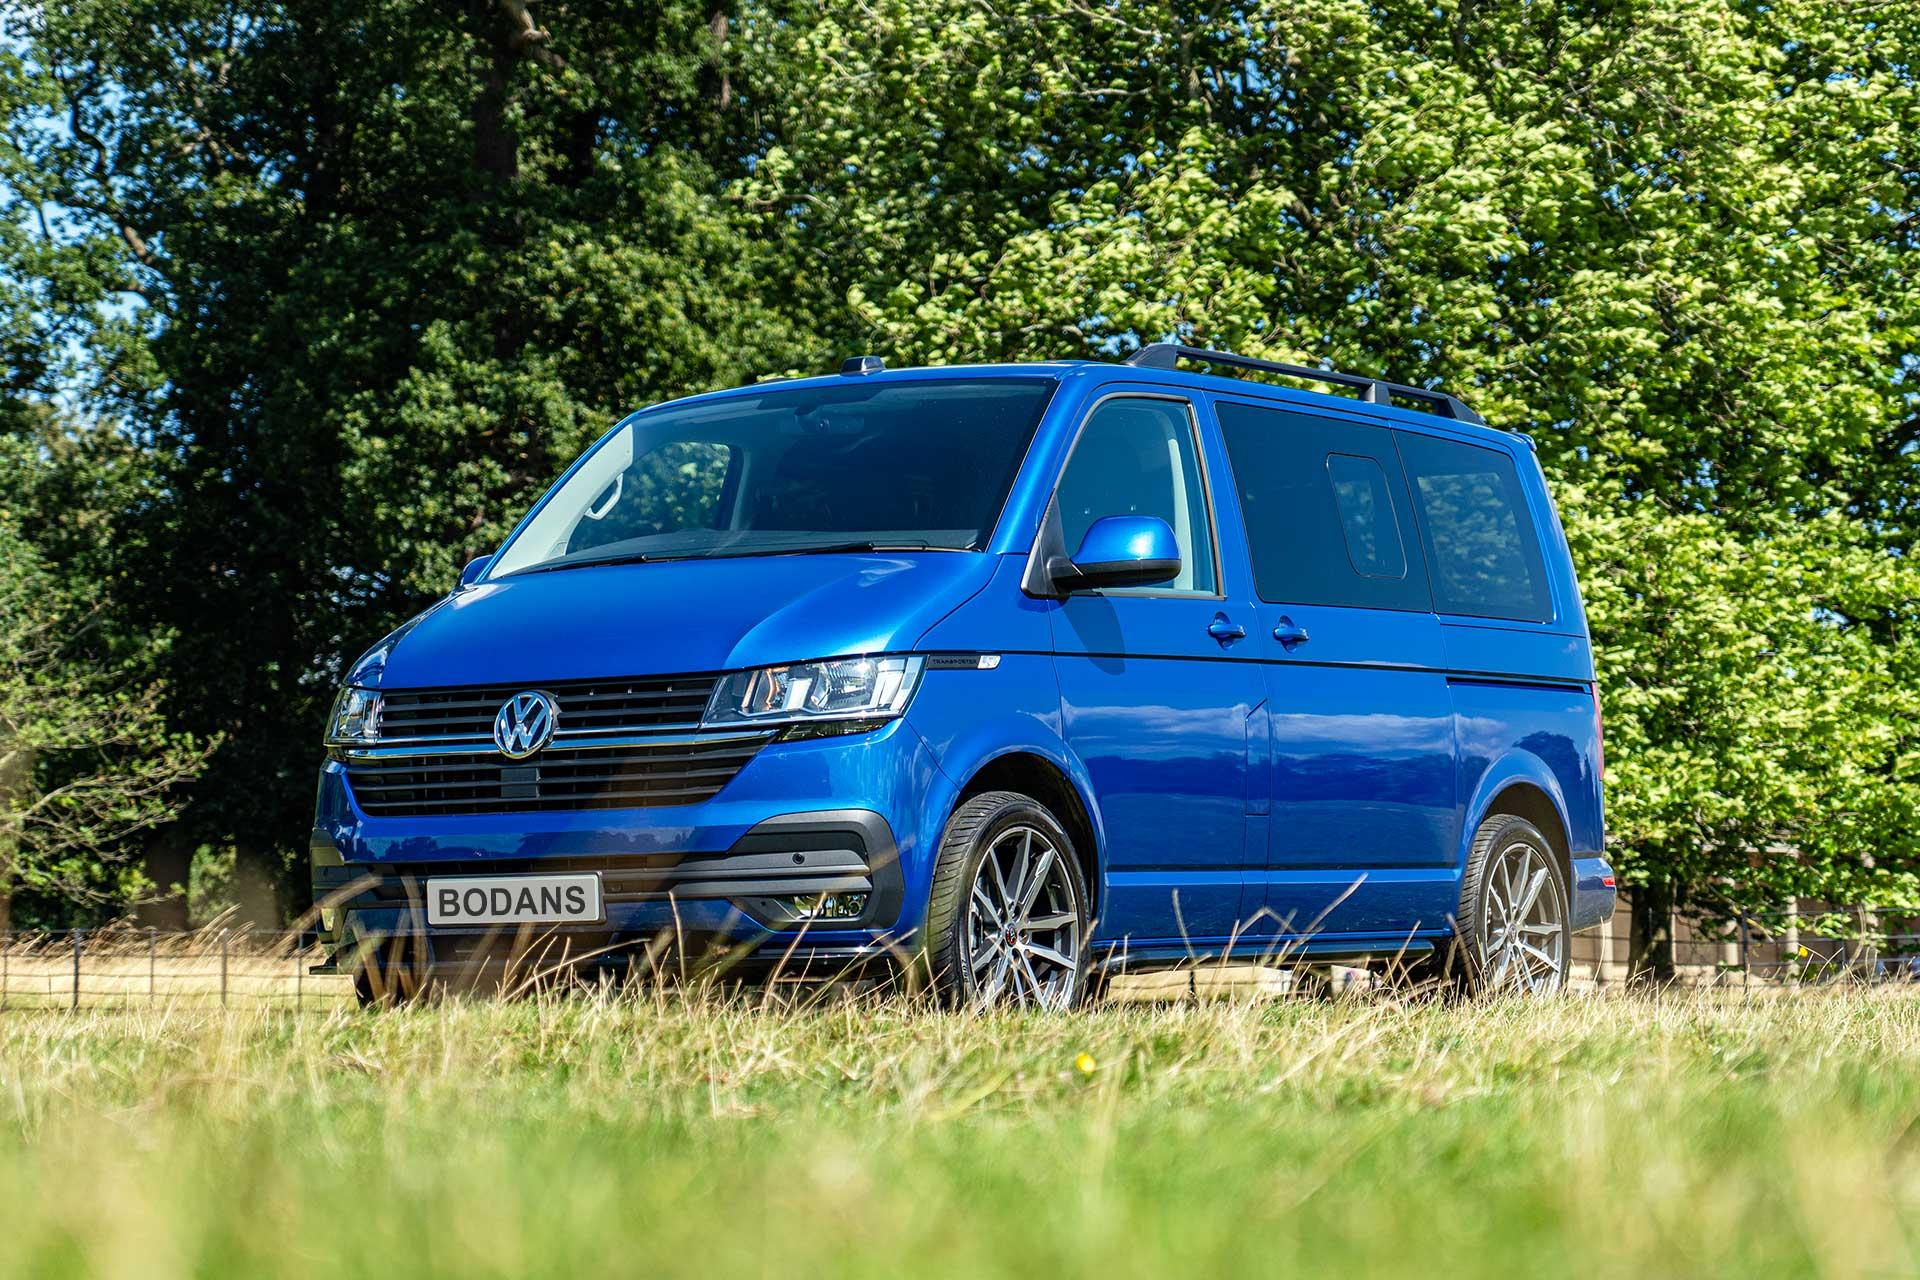 New VW T6.1 Kombi Van For Sale